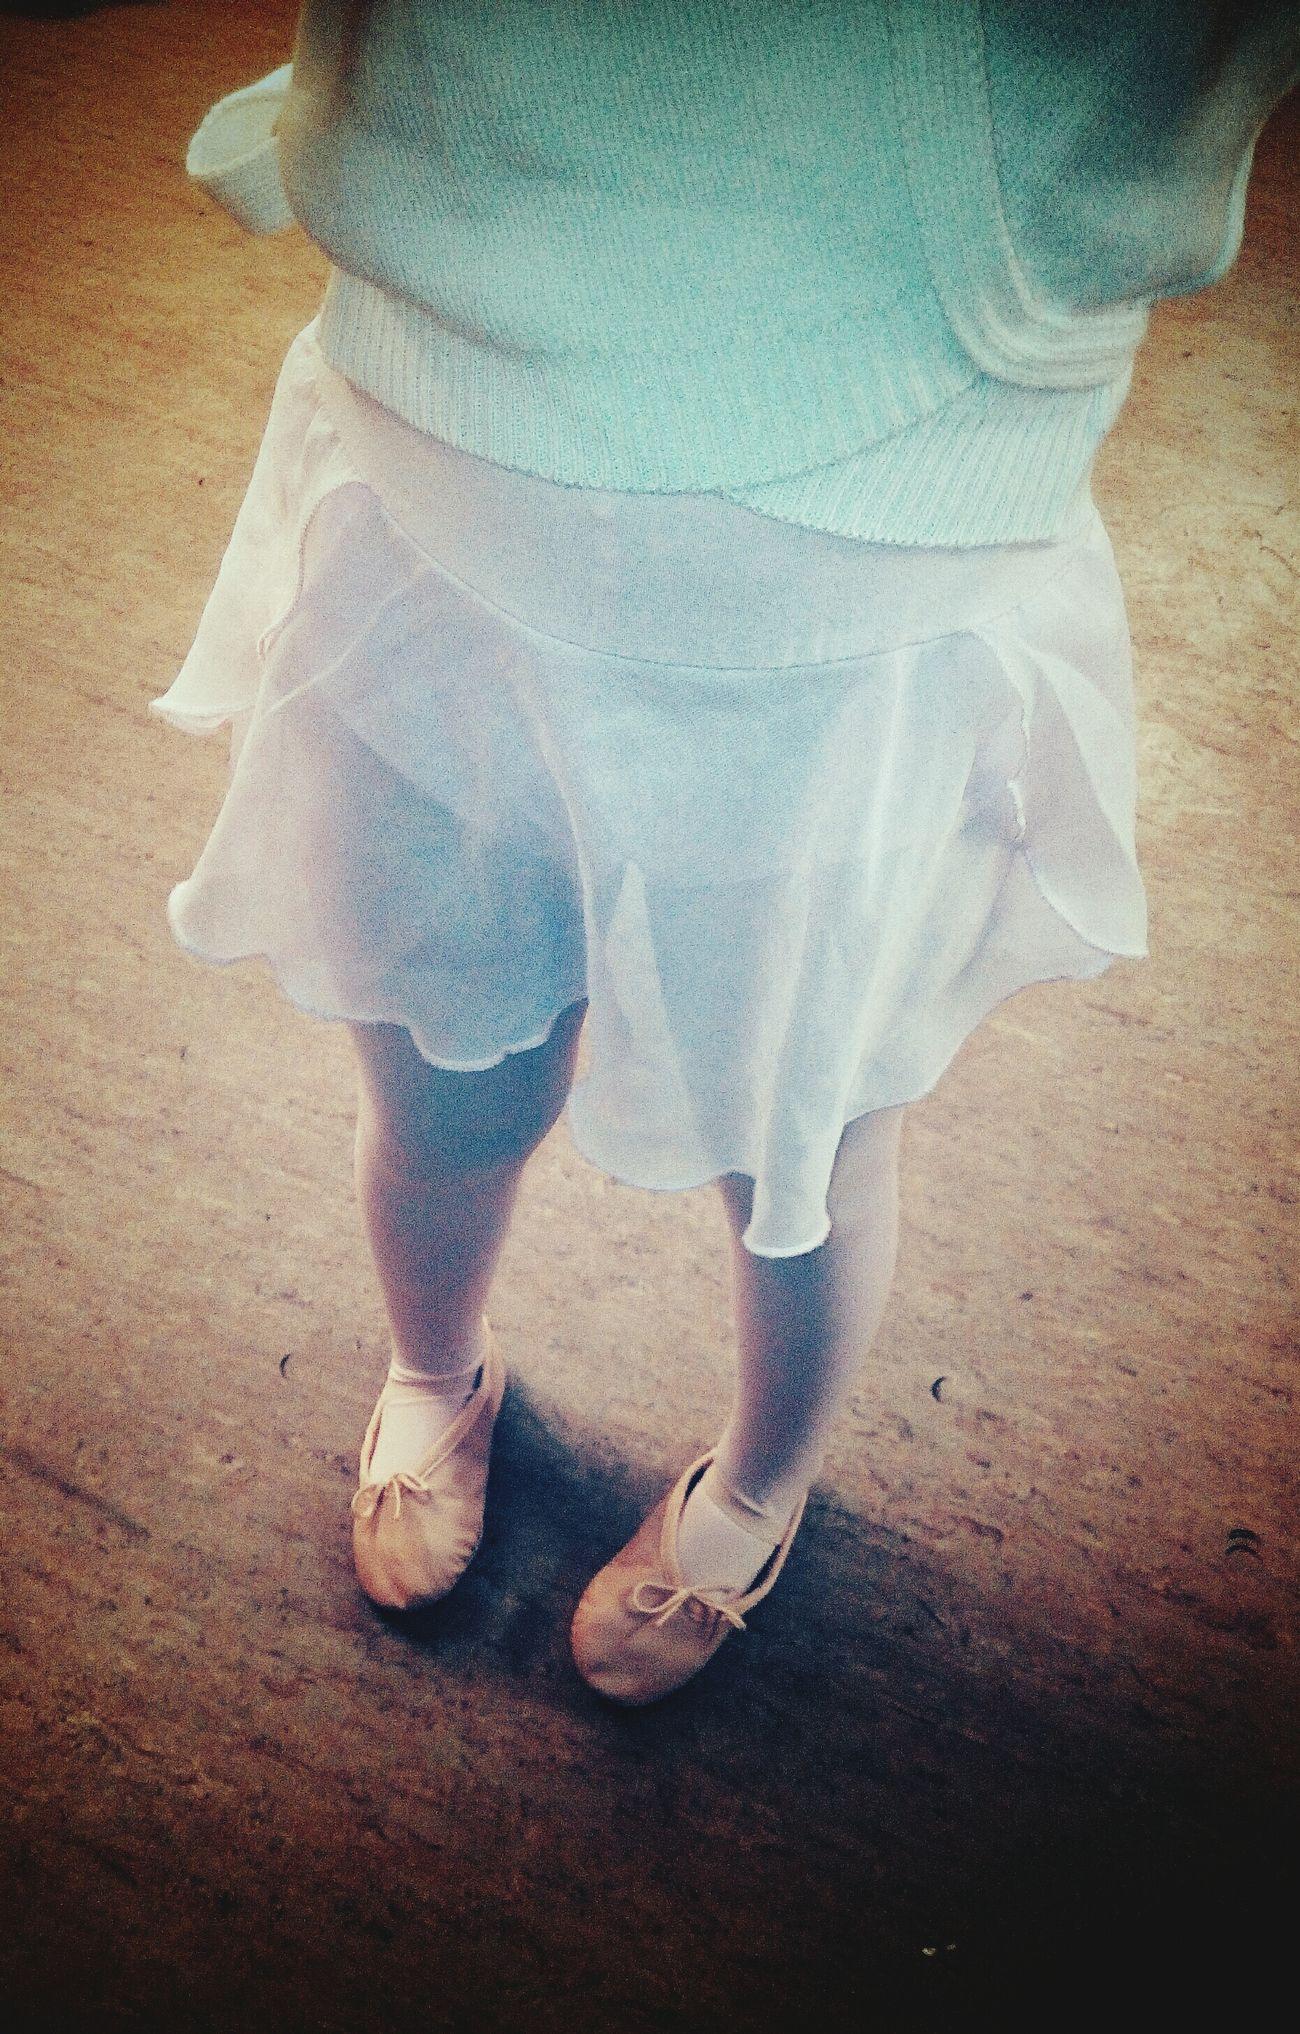 Ballett Ballett ❤ Ballett Love Ballet Classic Ballet Class Balletshoes Ballet-girl Ballet Shoes Ballet ❤ Balletclass Girl Children Photography Childhood Memories Child Photography Children Dancing Girl Dancer